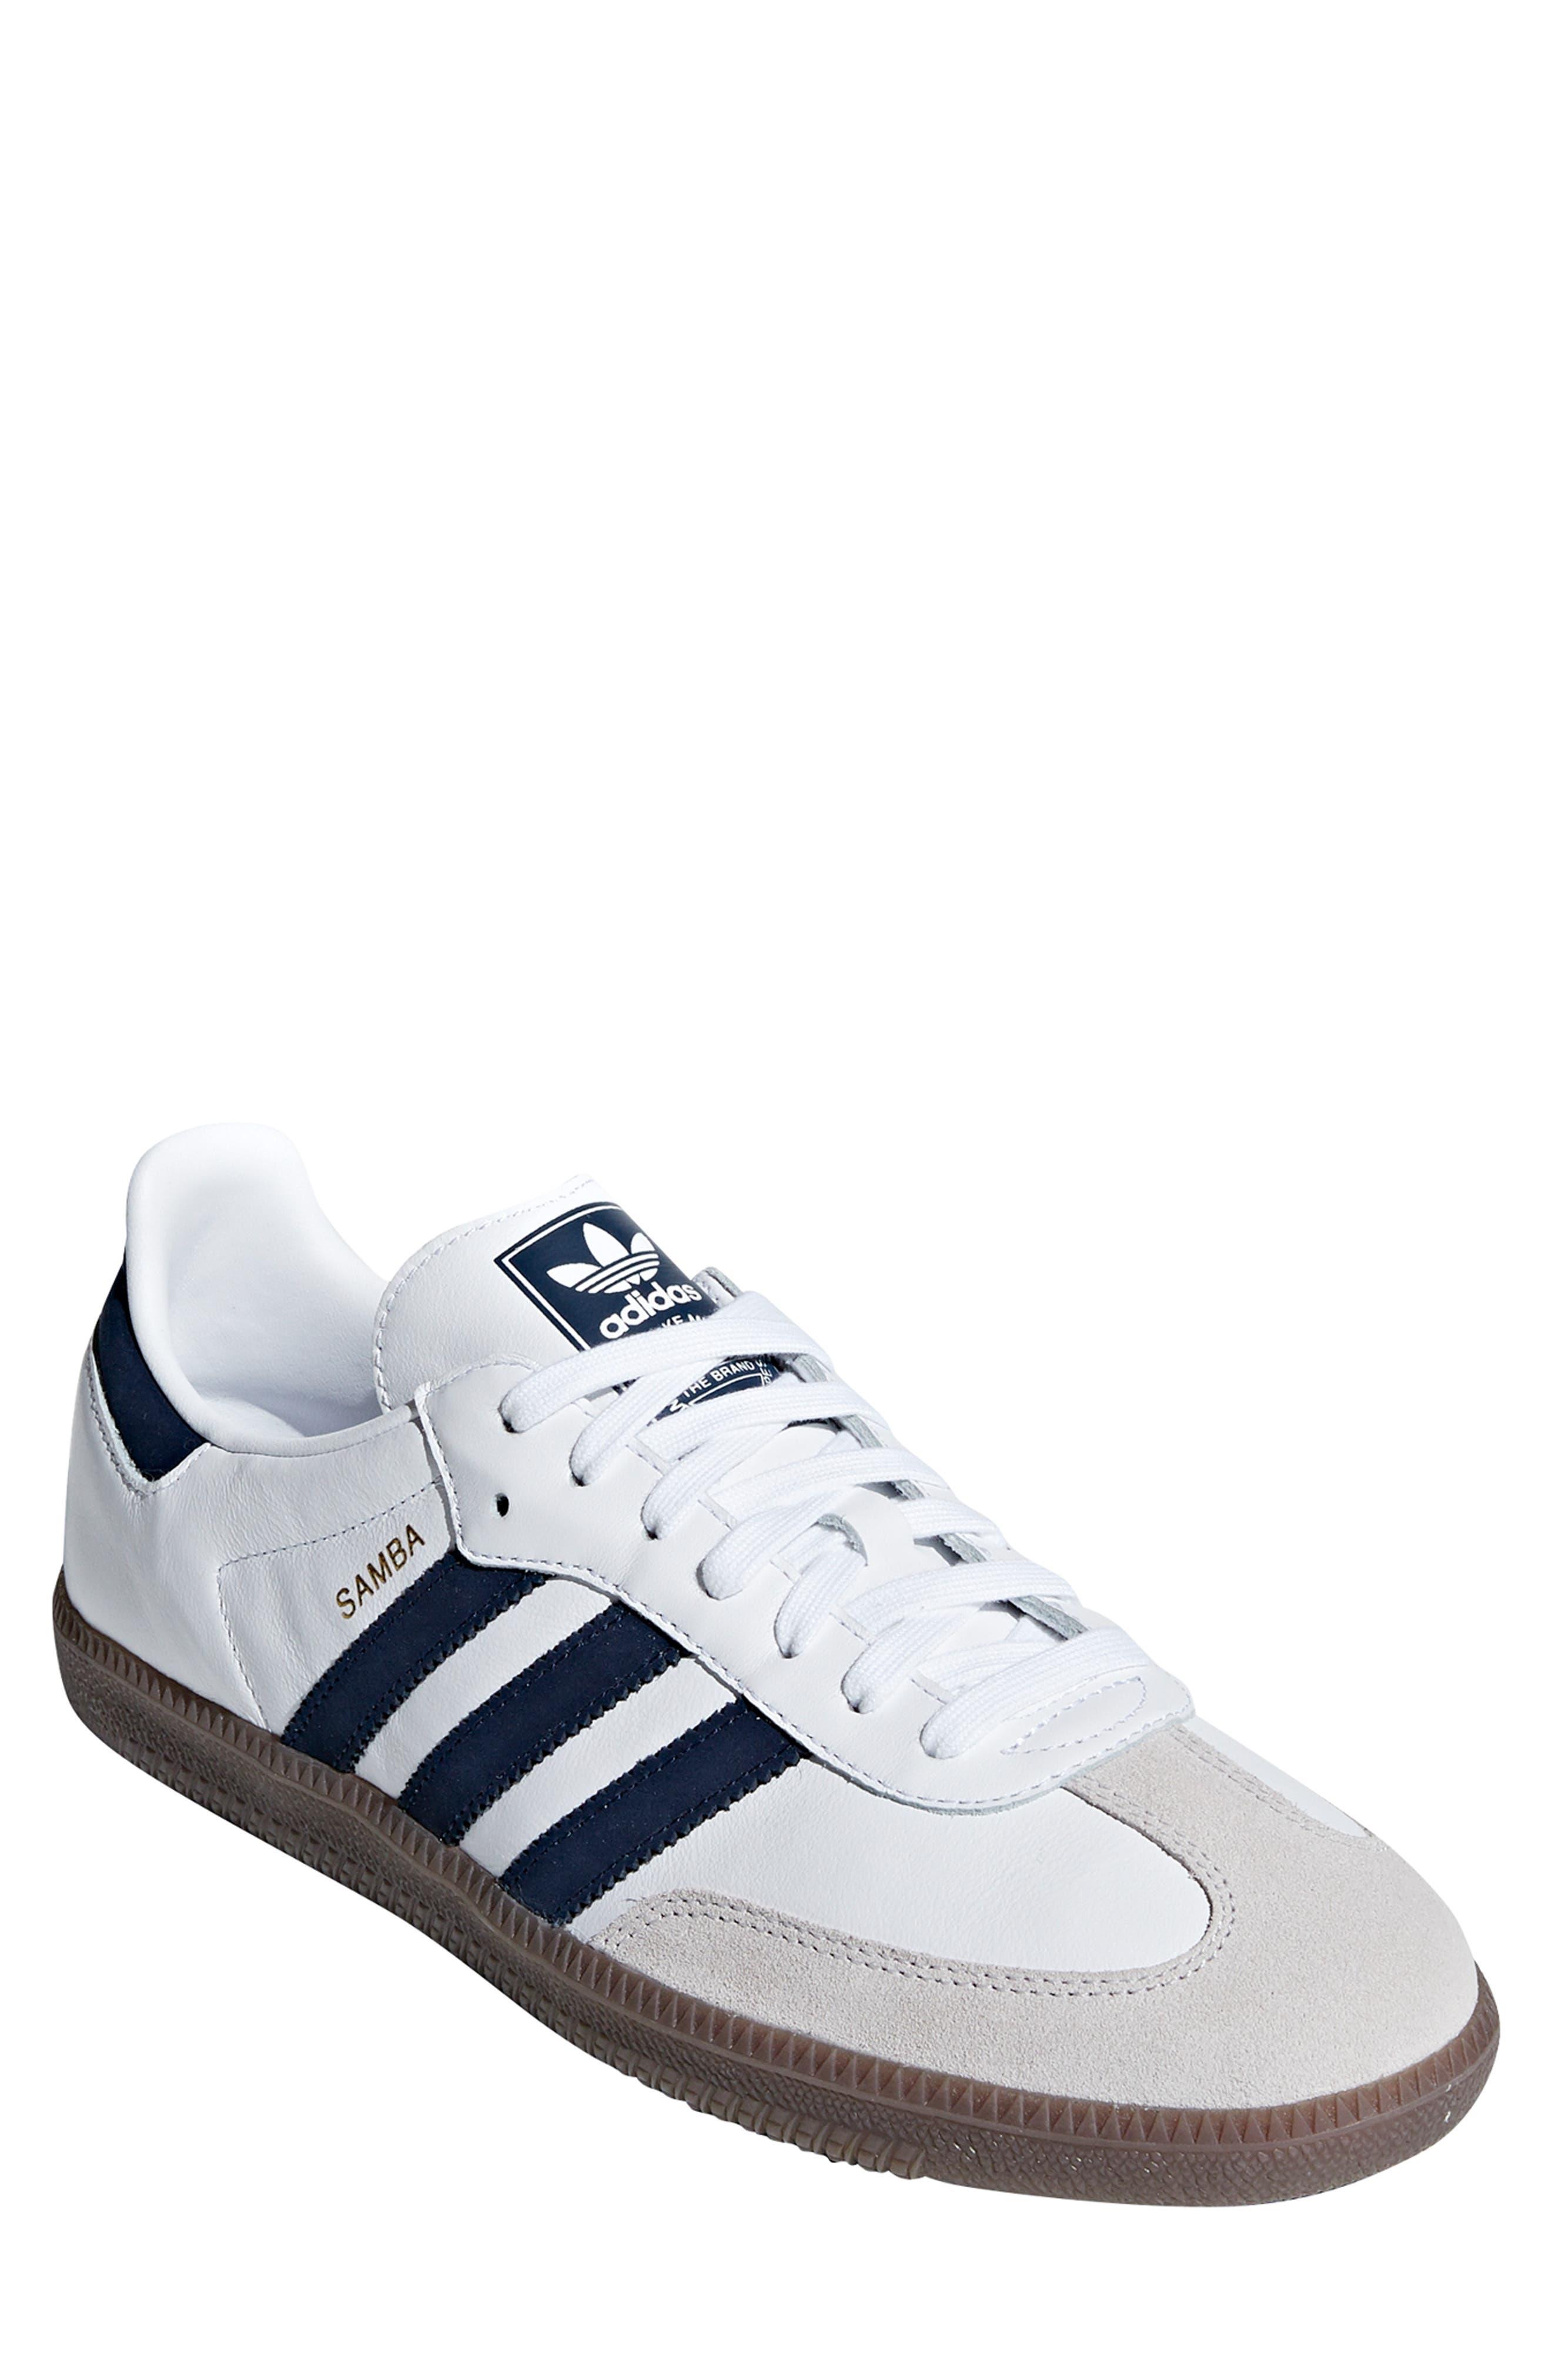 Samba OG Sneaker,                         Main,                         color, WHITE/ NAVY / CRYSTAL WHITE